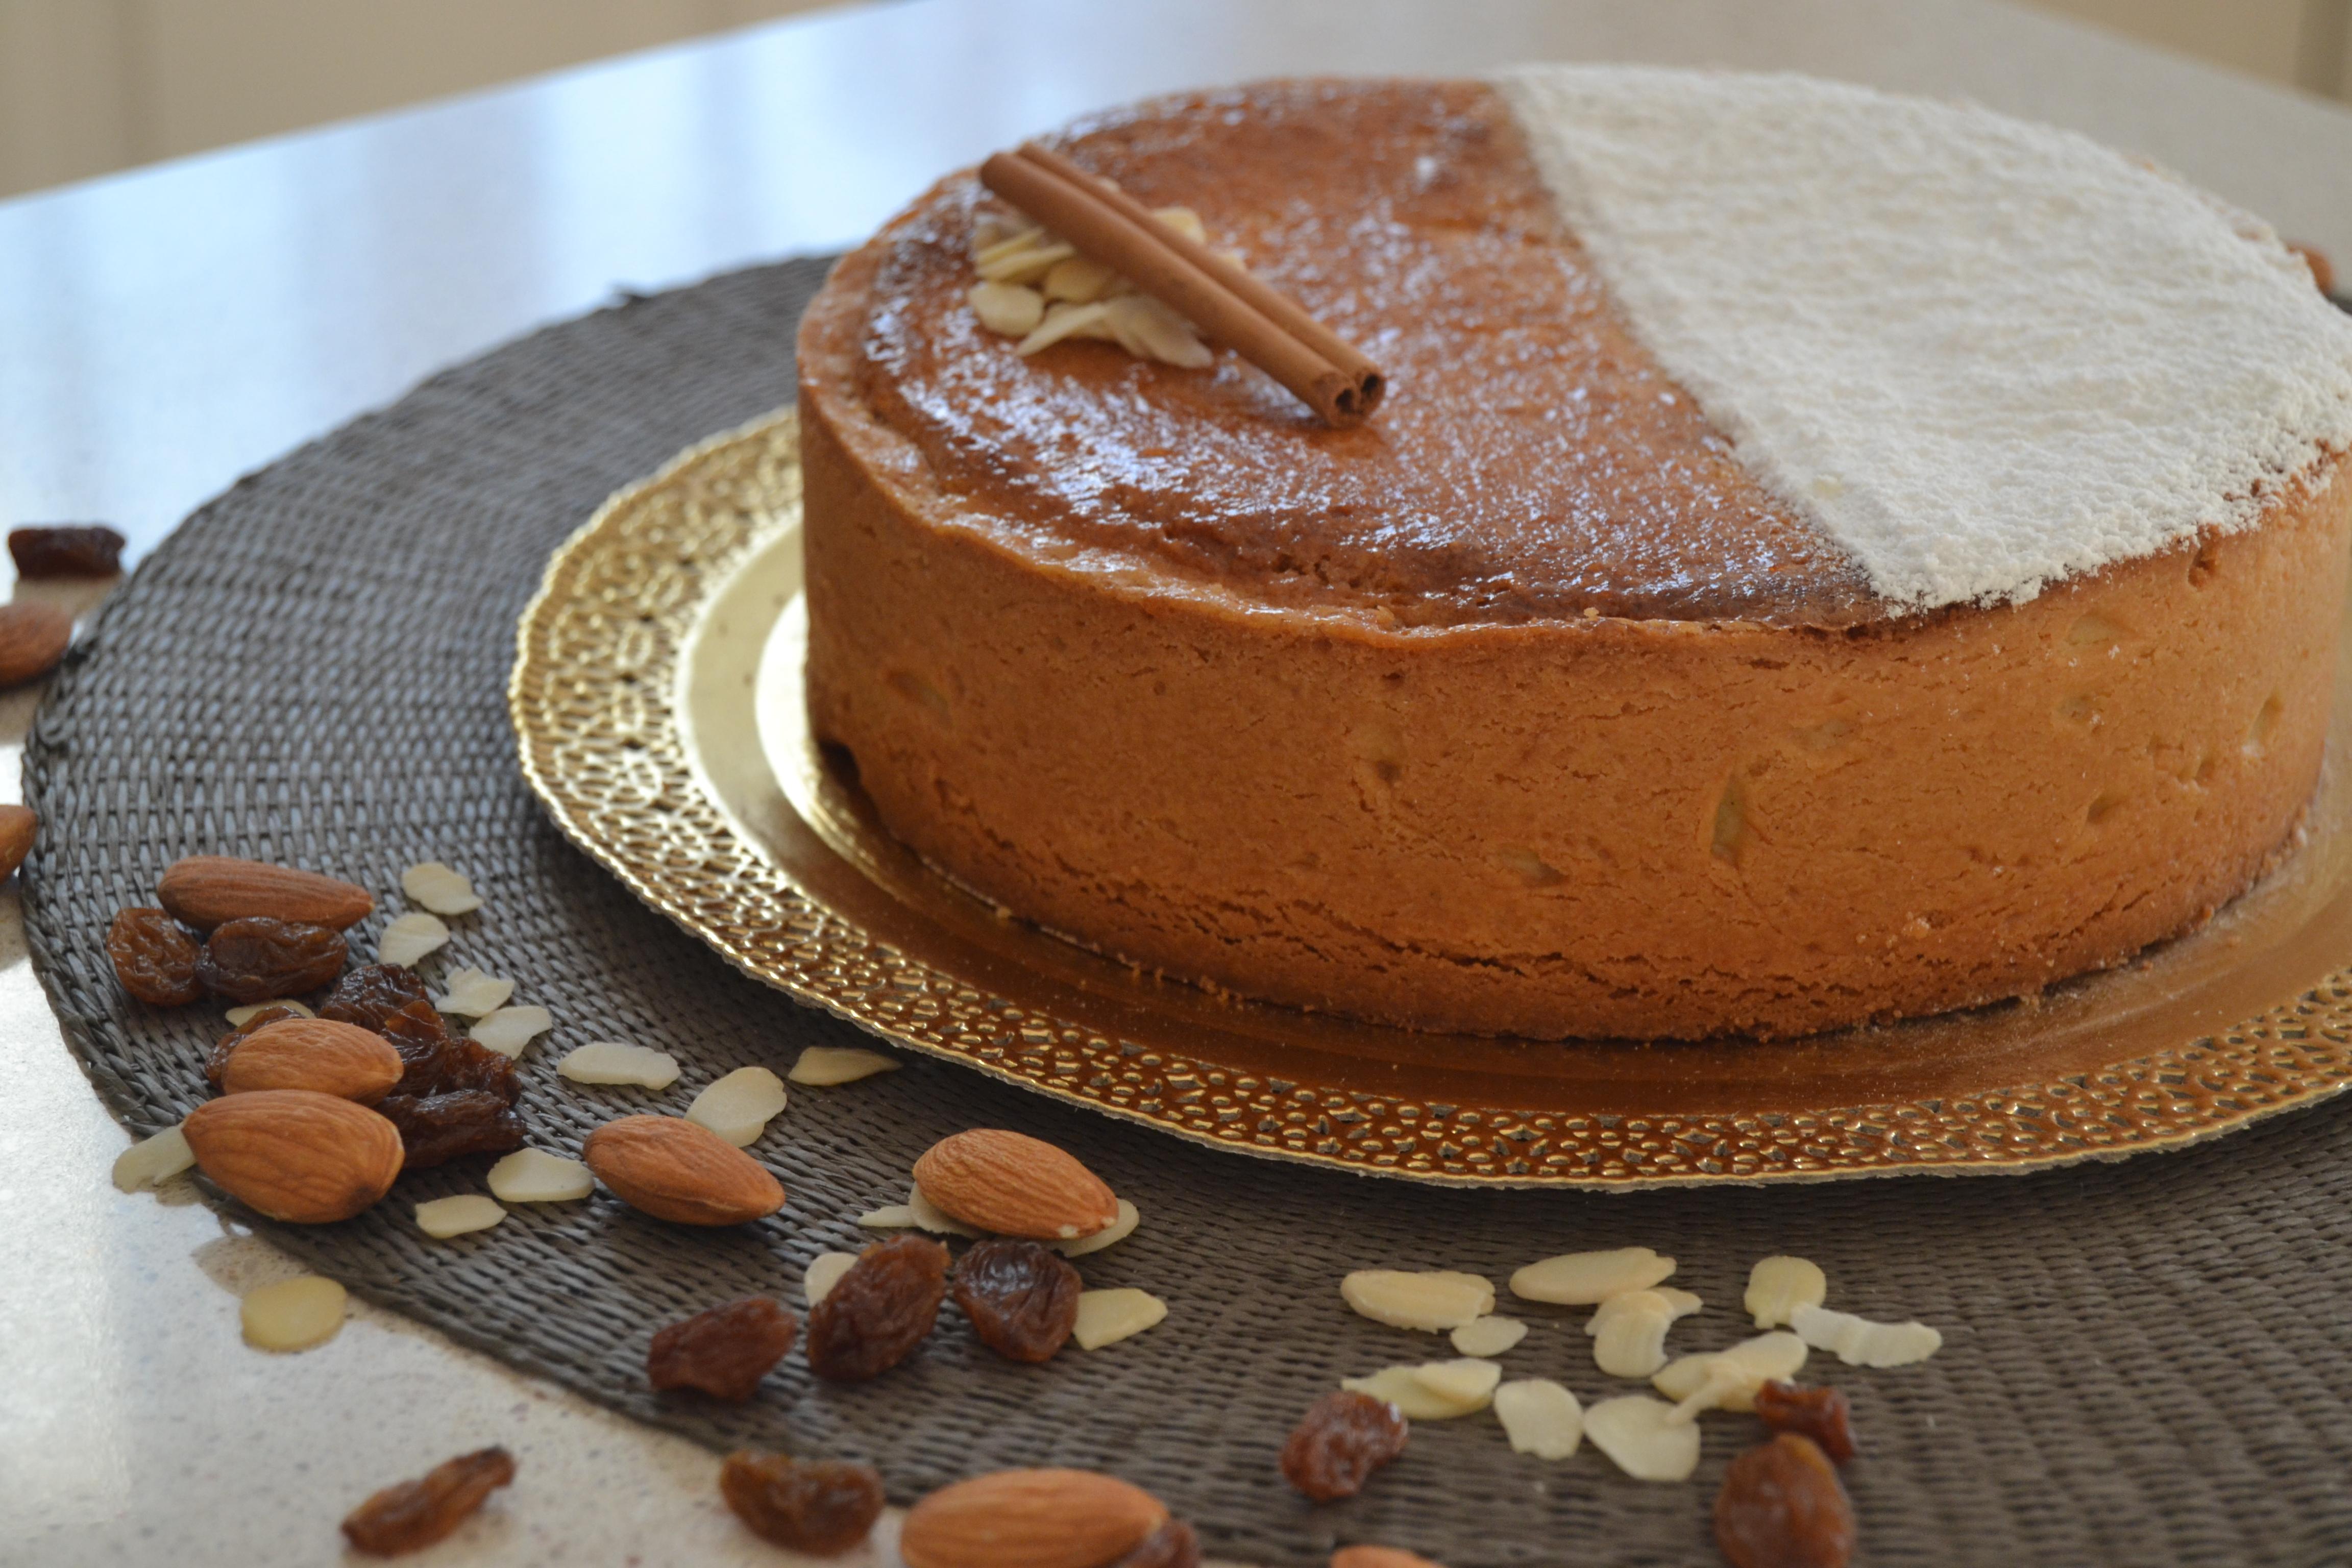 Torte Da Credenza Ricette : Torte da credenza u la torteria non solo dolci